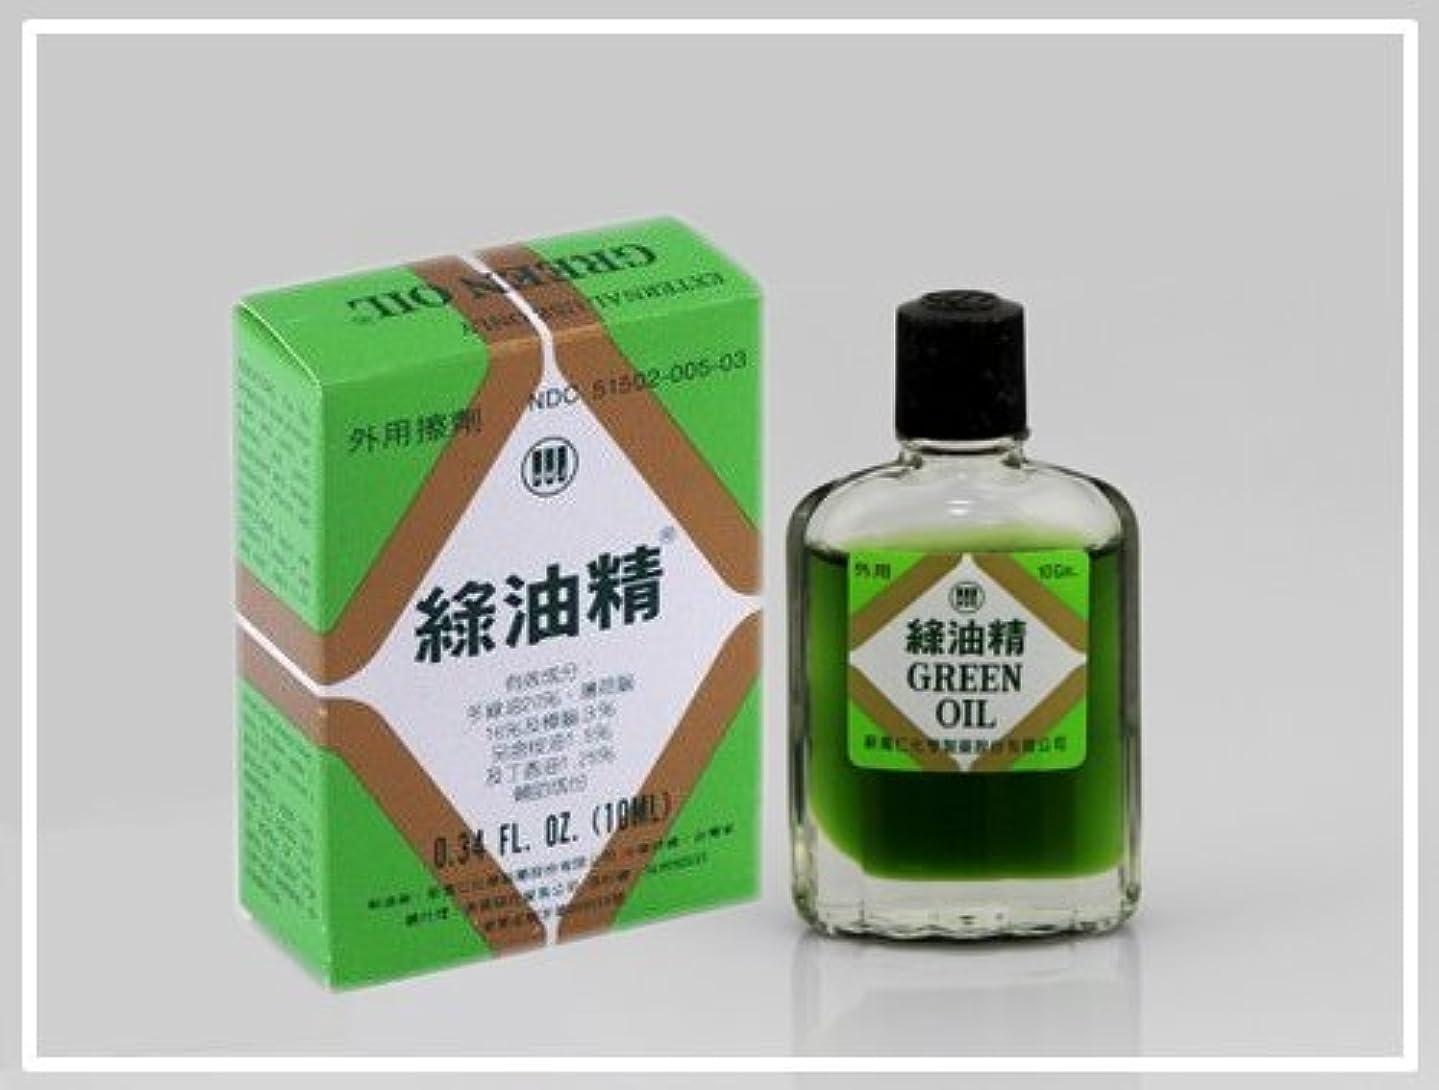 直径セラー起きる台湾純正版 新萬仁緑油精 グリーンオイル 緑油精 10ml [並行輸入品]